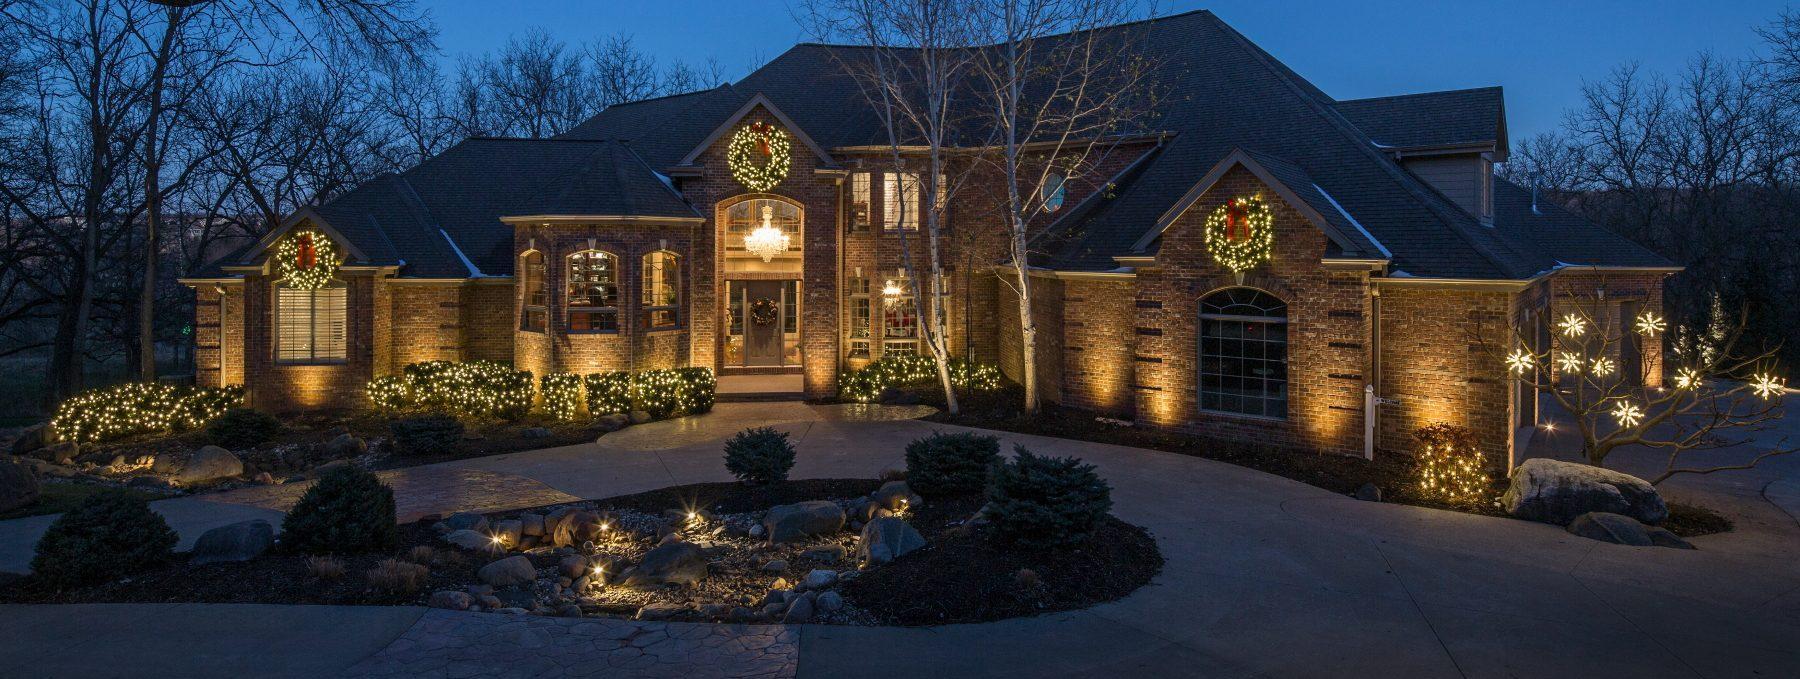 Christmas Lighting Omaha